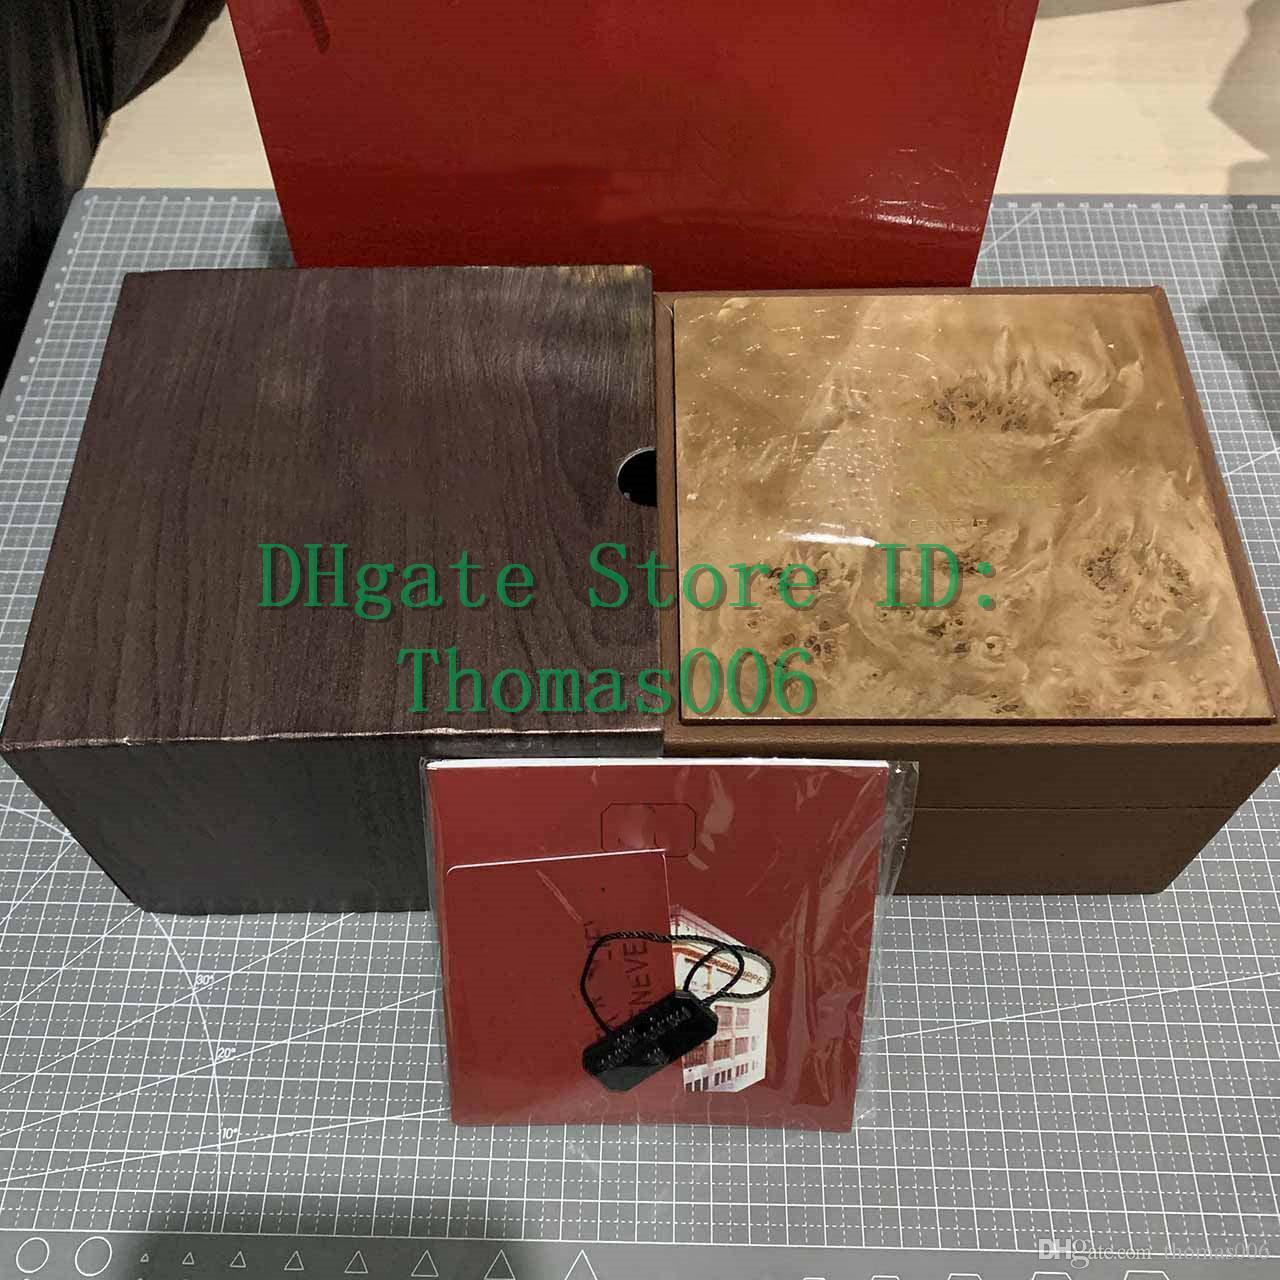 Atacado Nova inspeção marrom Box New Square caixa marrom Por PP Relógios Box Whit Cartão Booklet tags e artigos em inglês caixas de presente